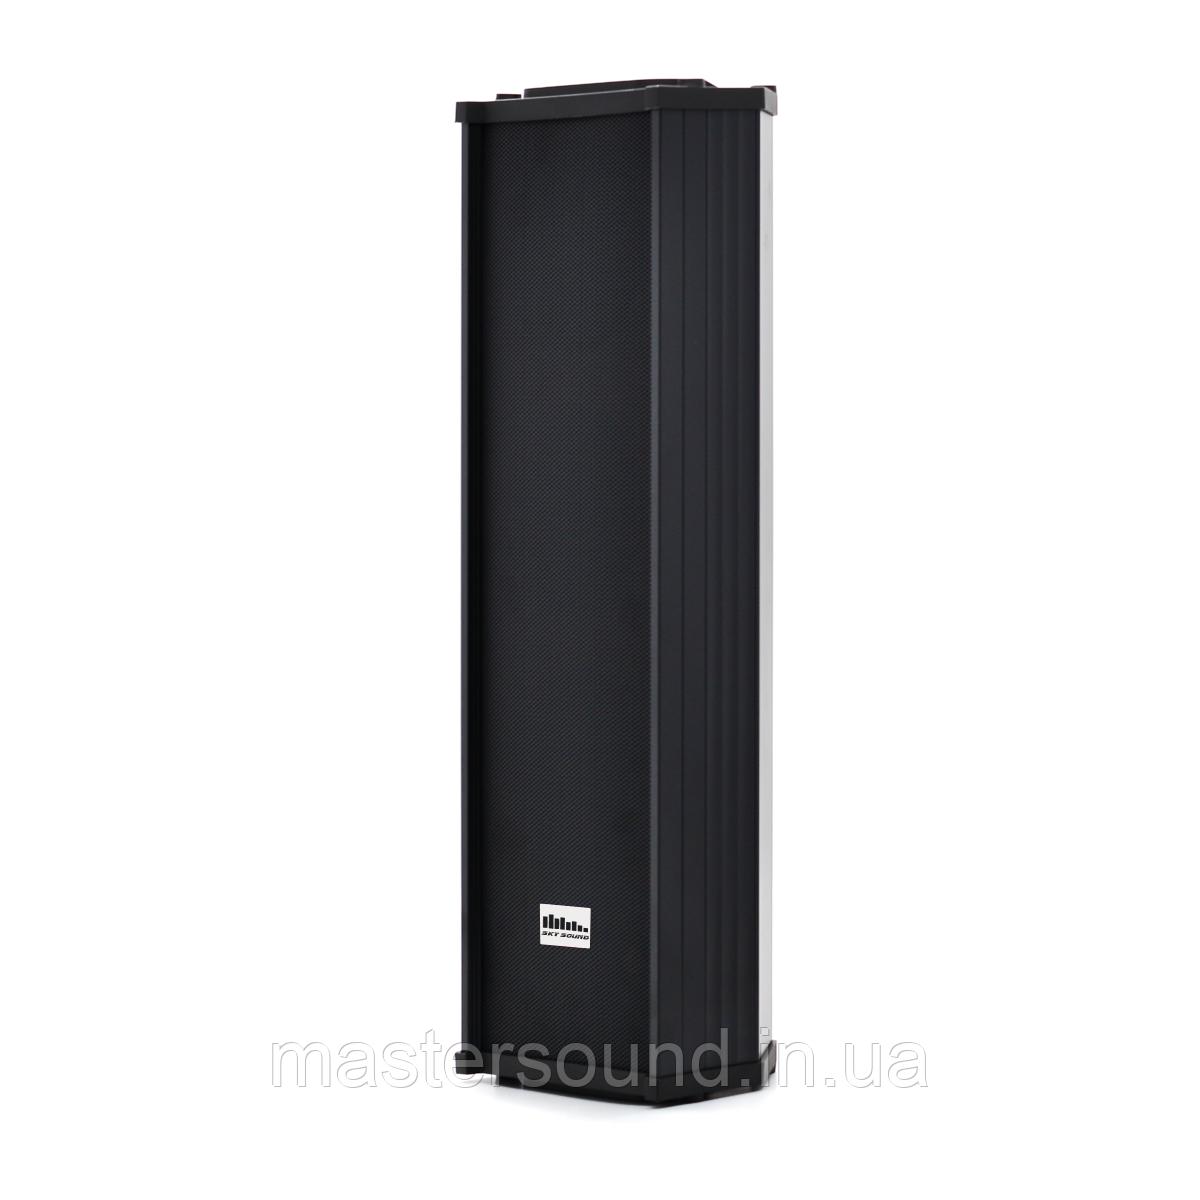 Уличная акустическая система Sky Sound SH-30TB